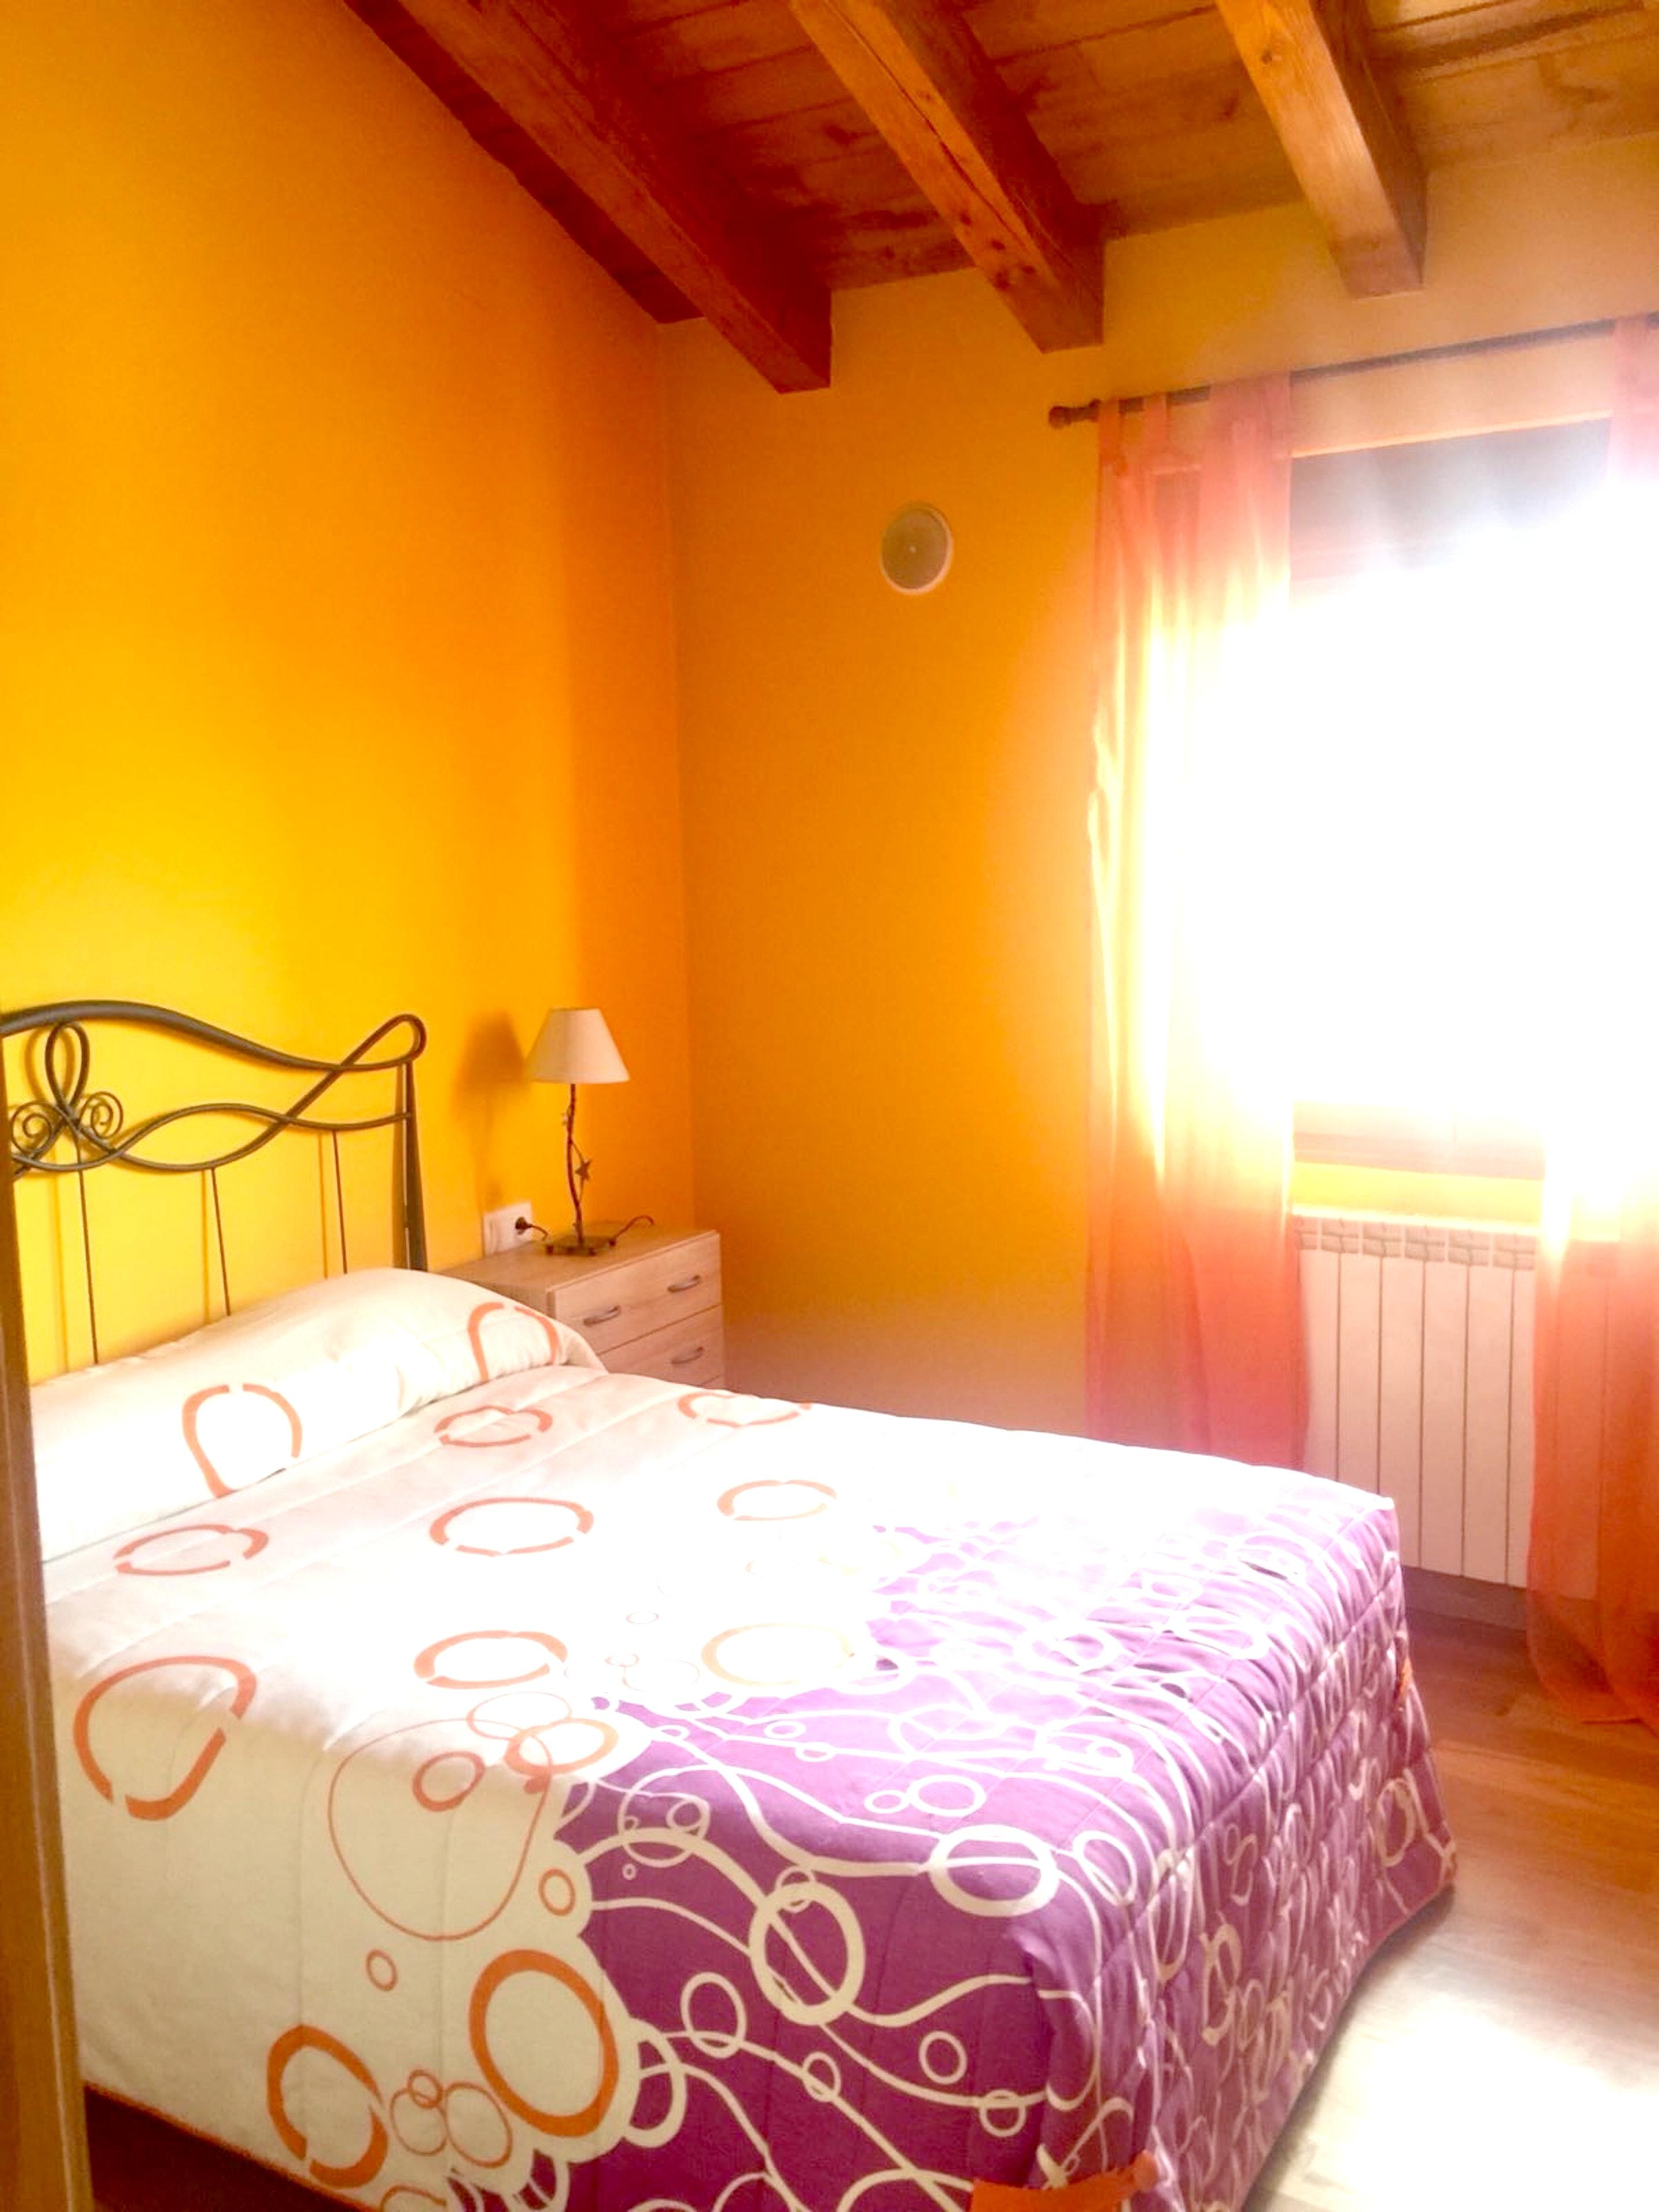 Ferienhaus Haus mit 3 Schlafzimmern in Arellano mit toller Aussicht auf die Berge und möblierter Terr (2420299), Arellano, , Navarra, Spanien, Bild 8